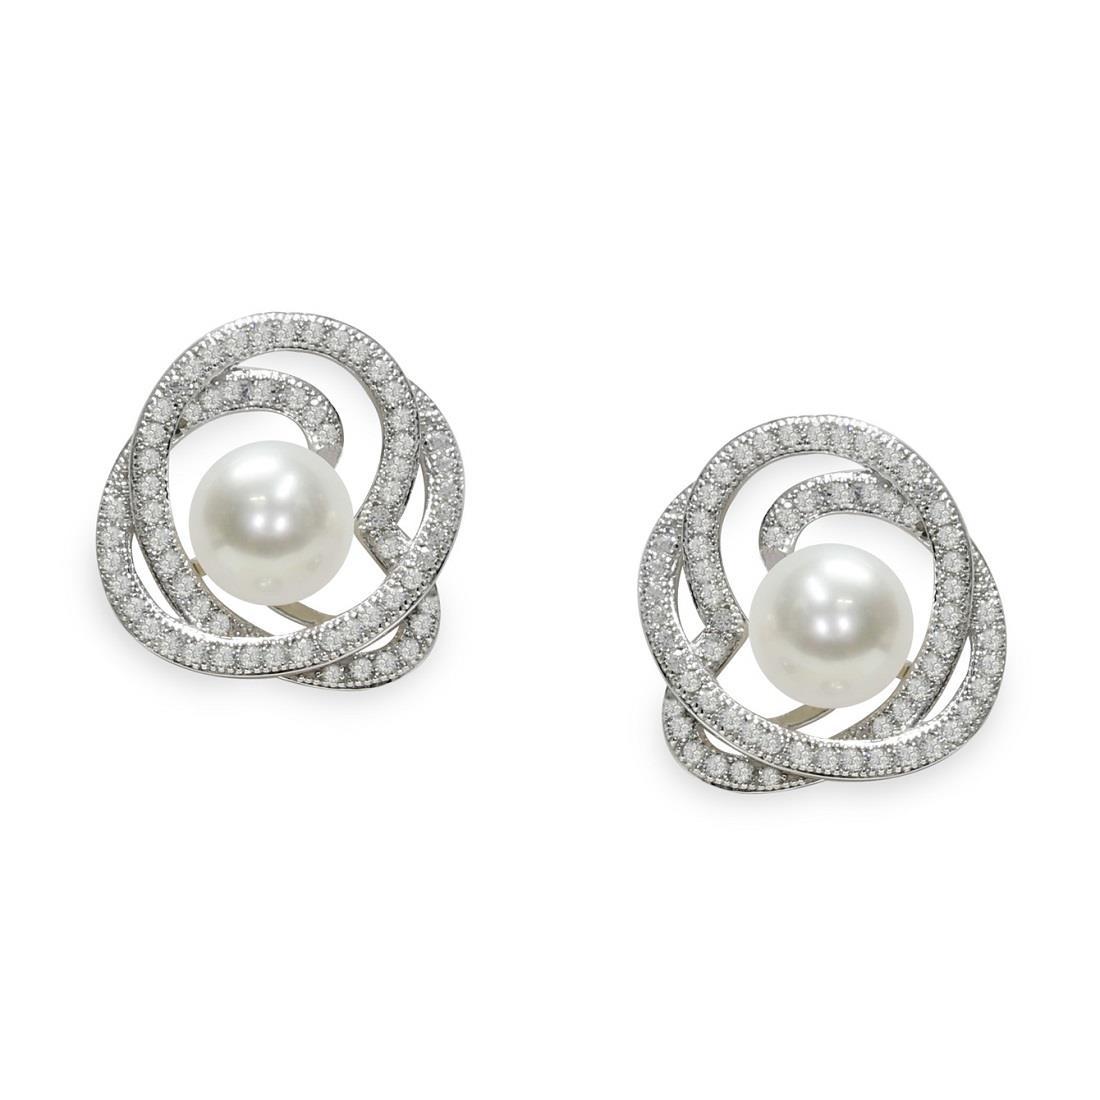 Orecchini con perle - MAYUMI